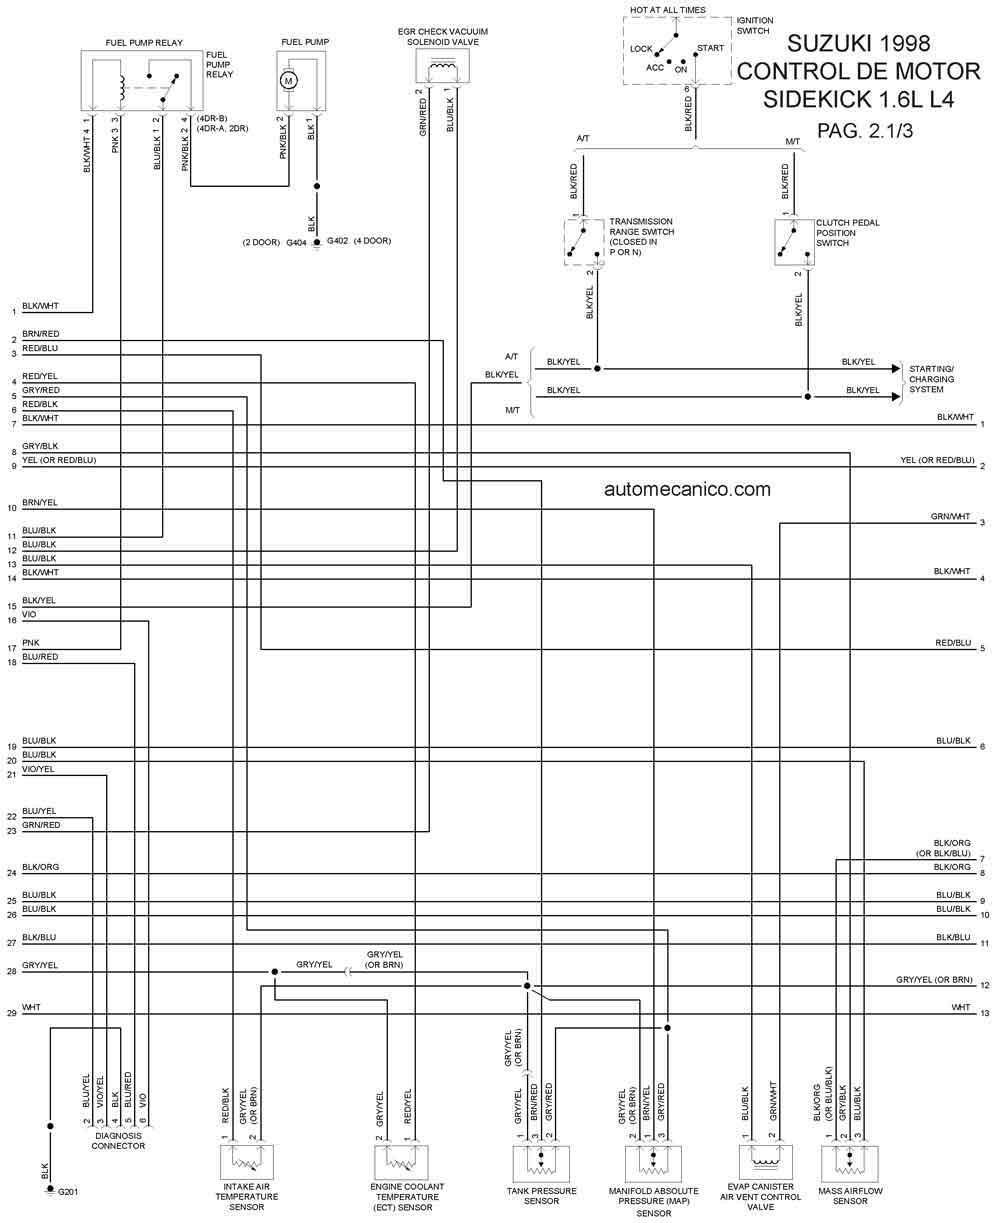 suzuki 1998 diagramas esquemas graphics vehiculos